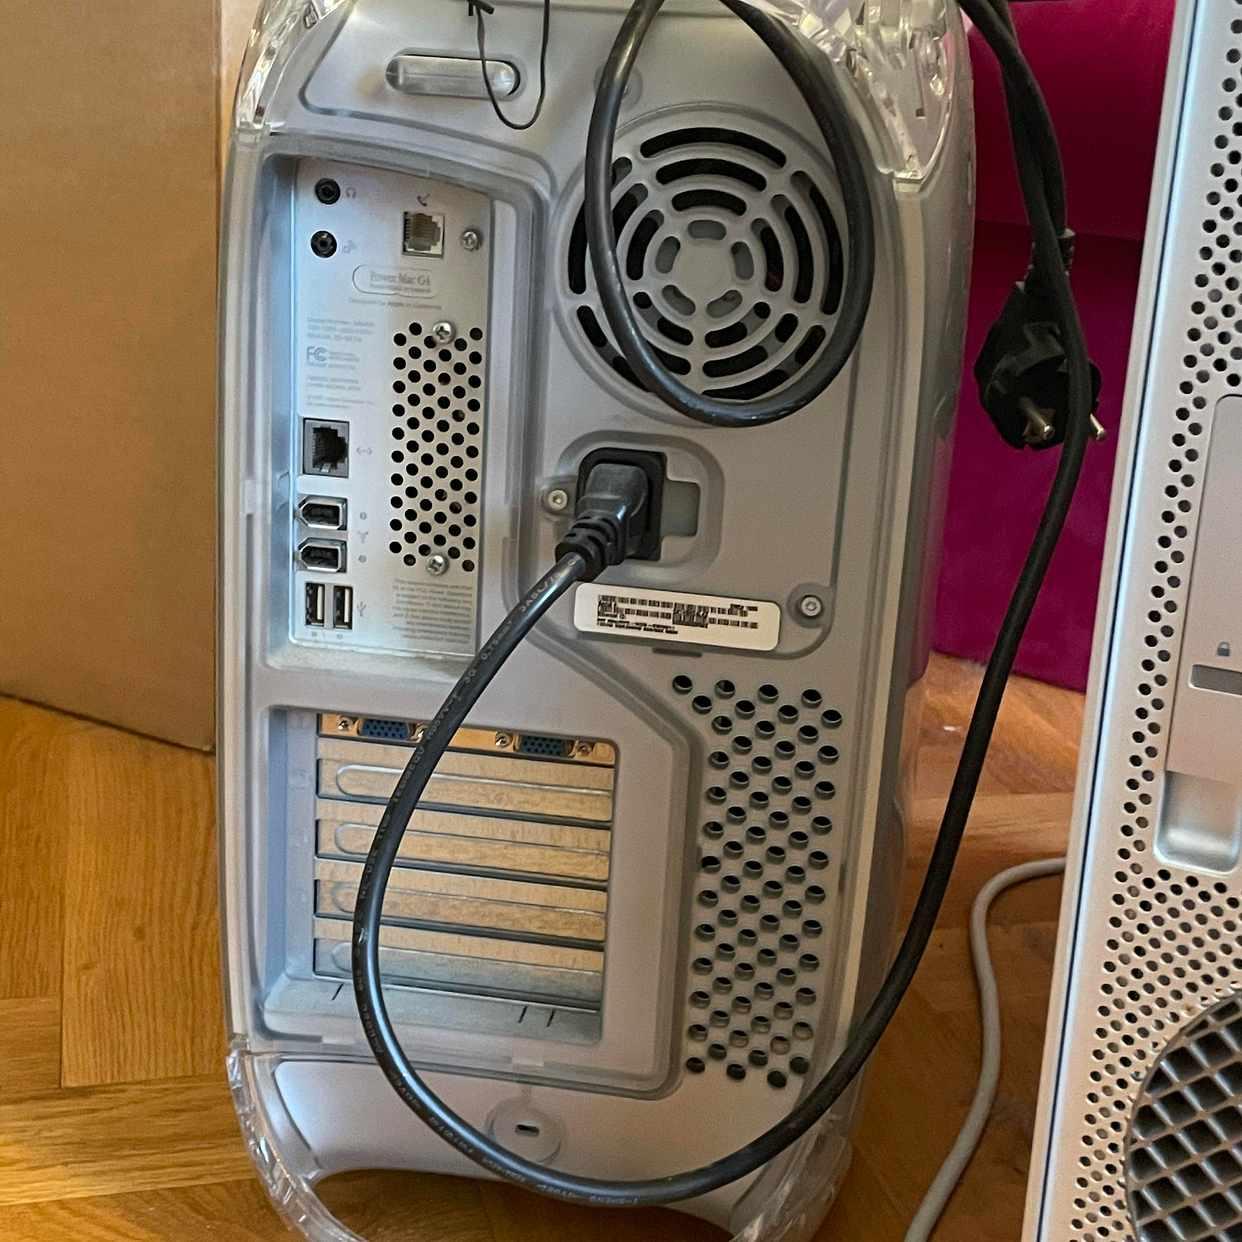 image of 2 Apple datorer - Stockholm